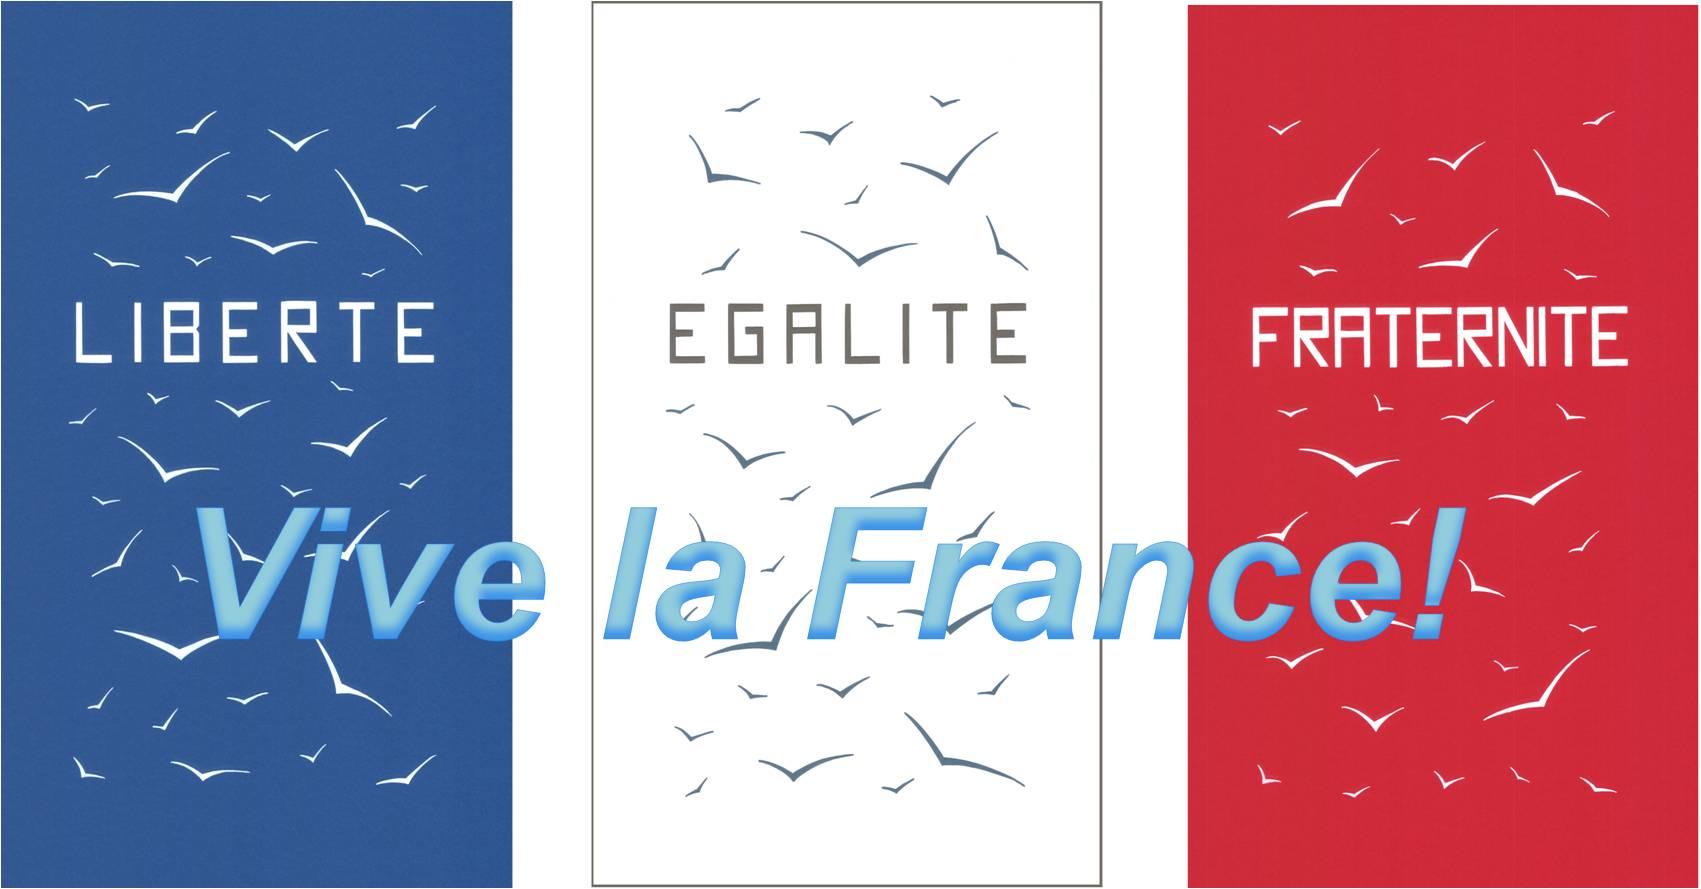 Vive la France, avec ses valeurs de Liberté, d'Egalité et de Fraternité!